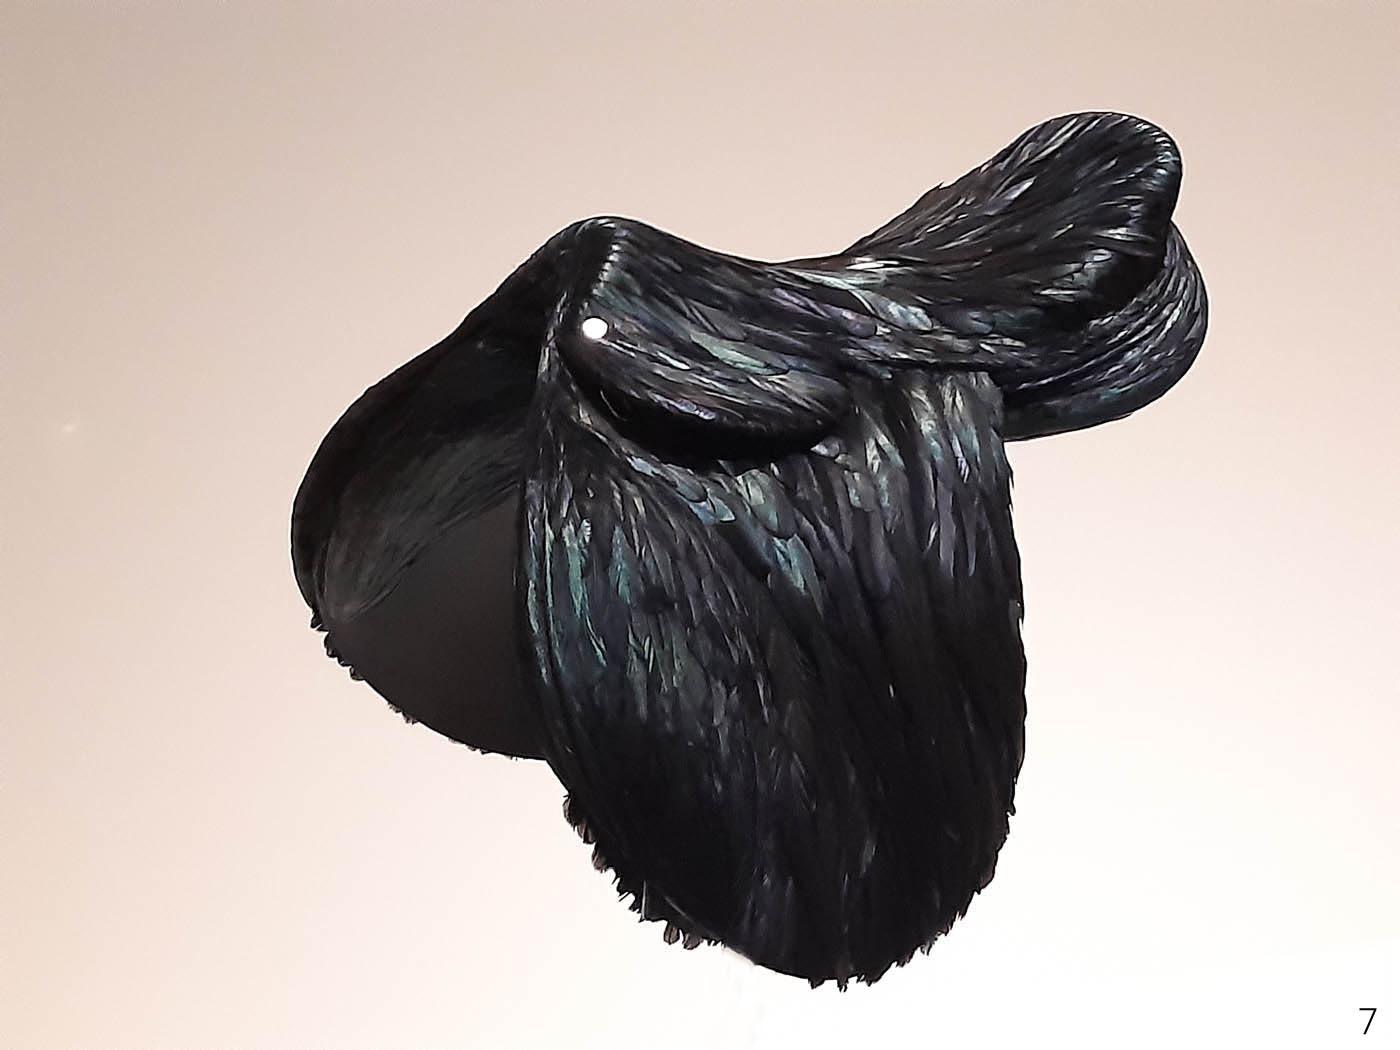 LUXES-_-MAD-28Selle-Antoine-Platteau-pour-Hermès-2014-Plumes-de-coq